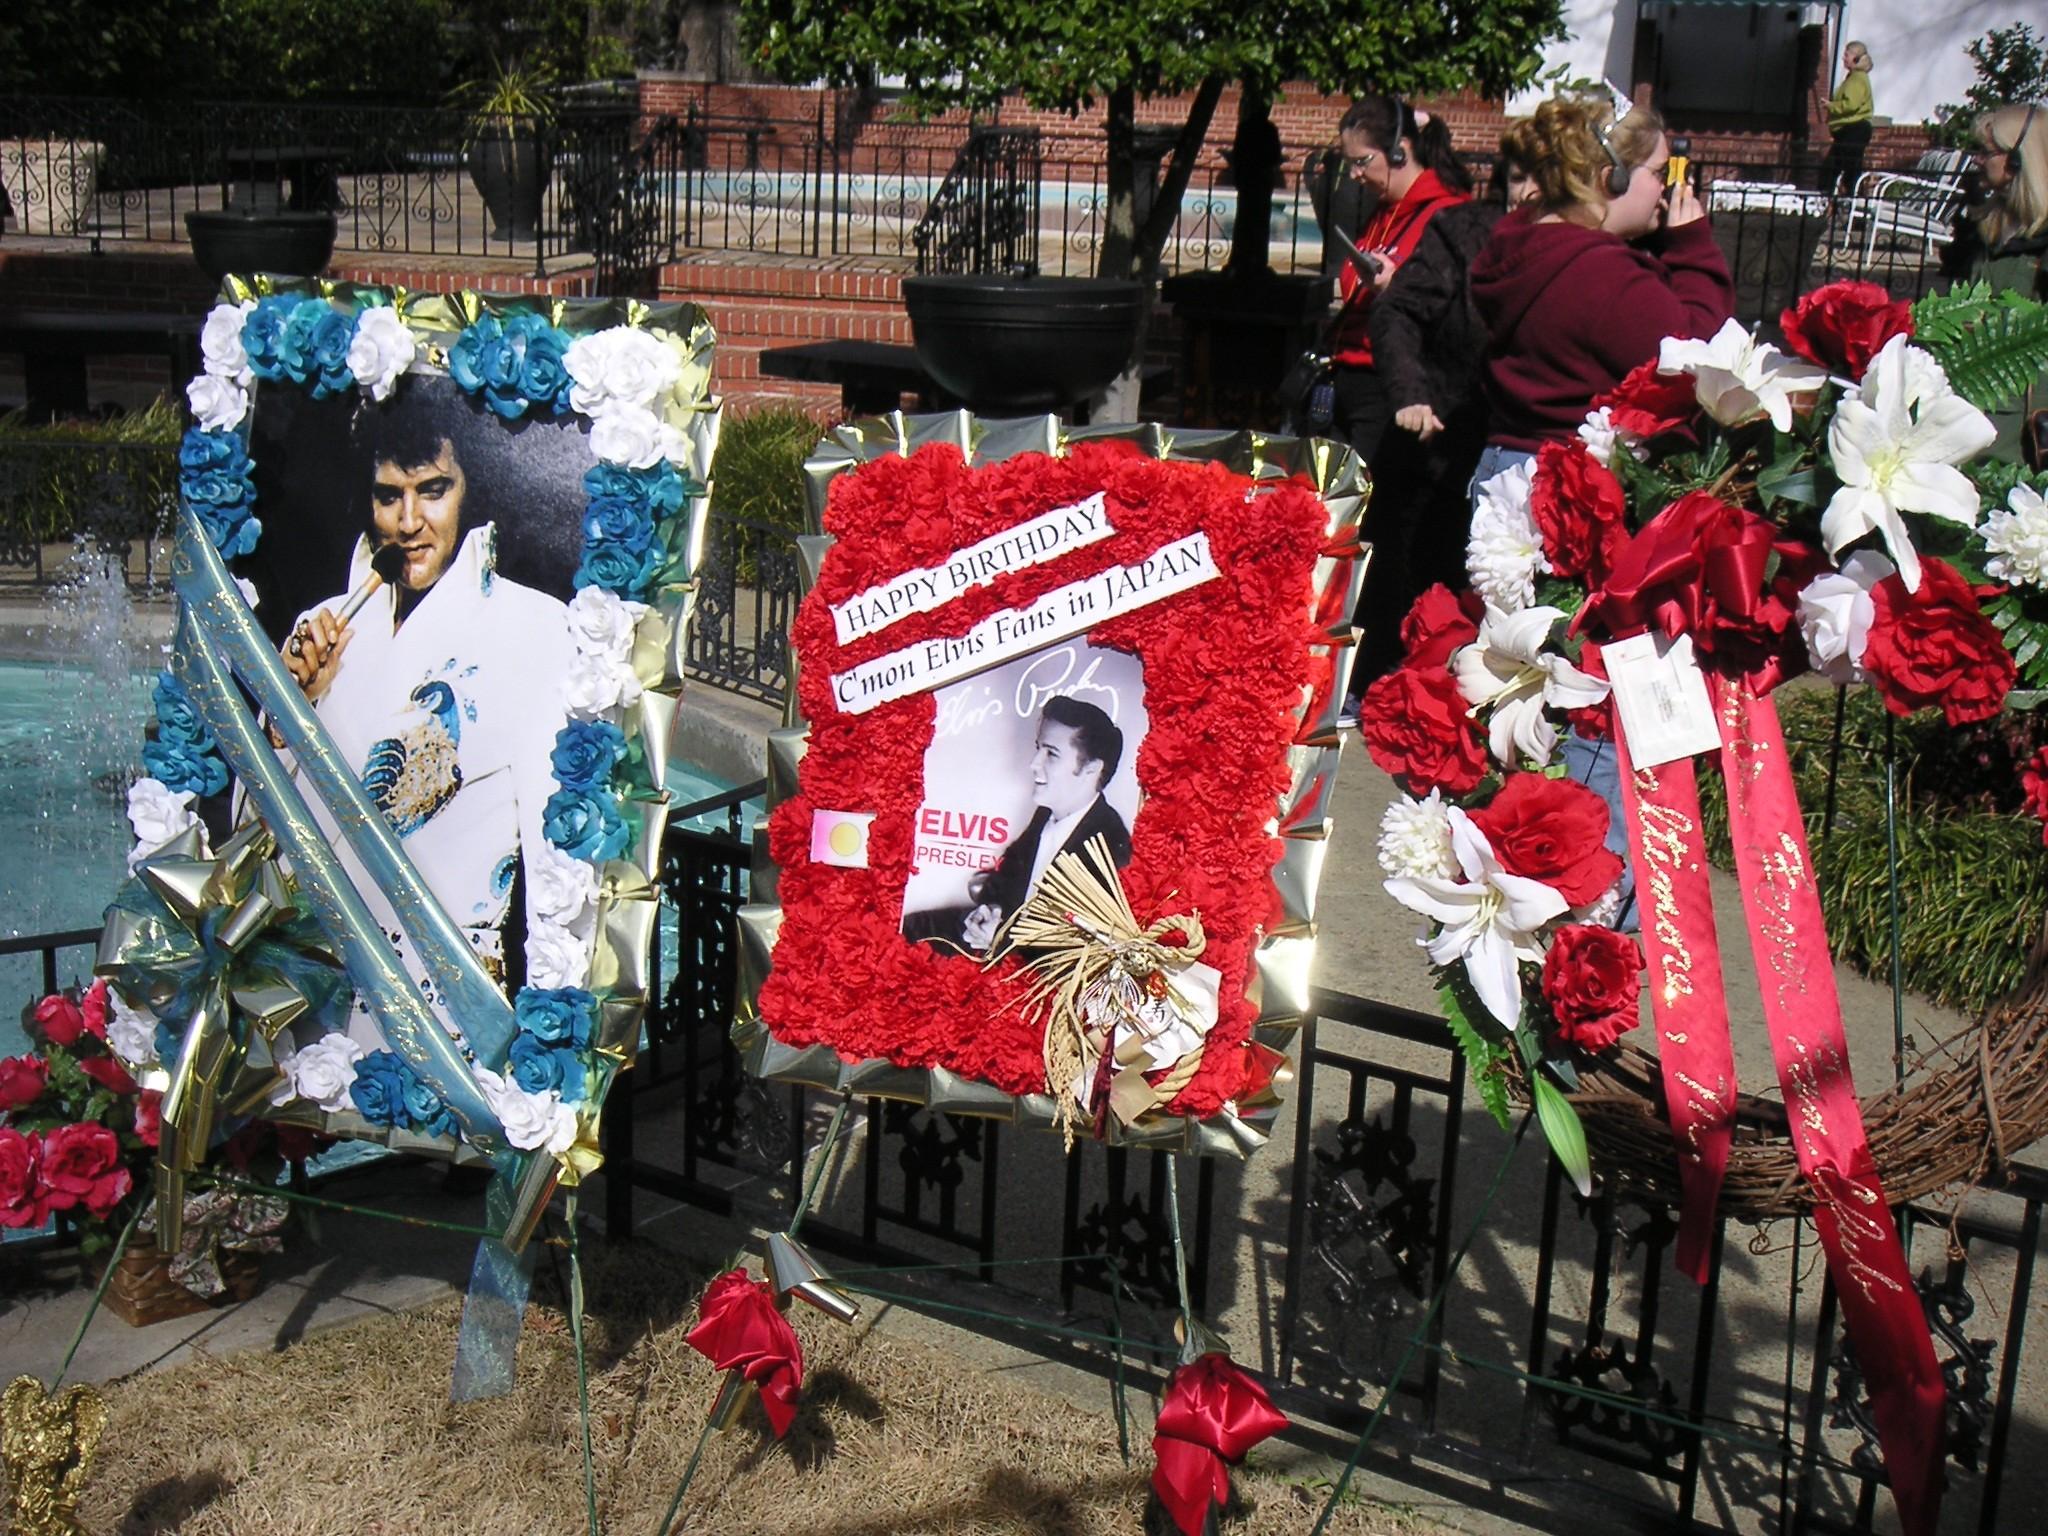 Cimeli del re del Rock 'n Roll davanti a Graceland, la Casa di Elvis Presley a Memphis, nel Tennessee (Stati Uniti)